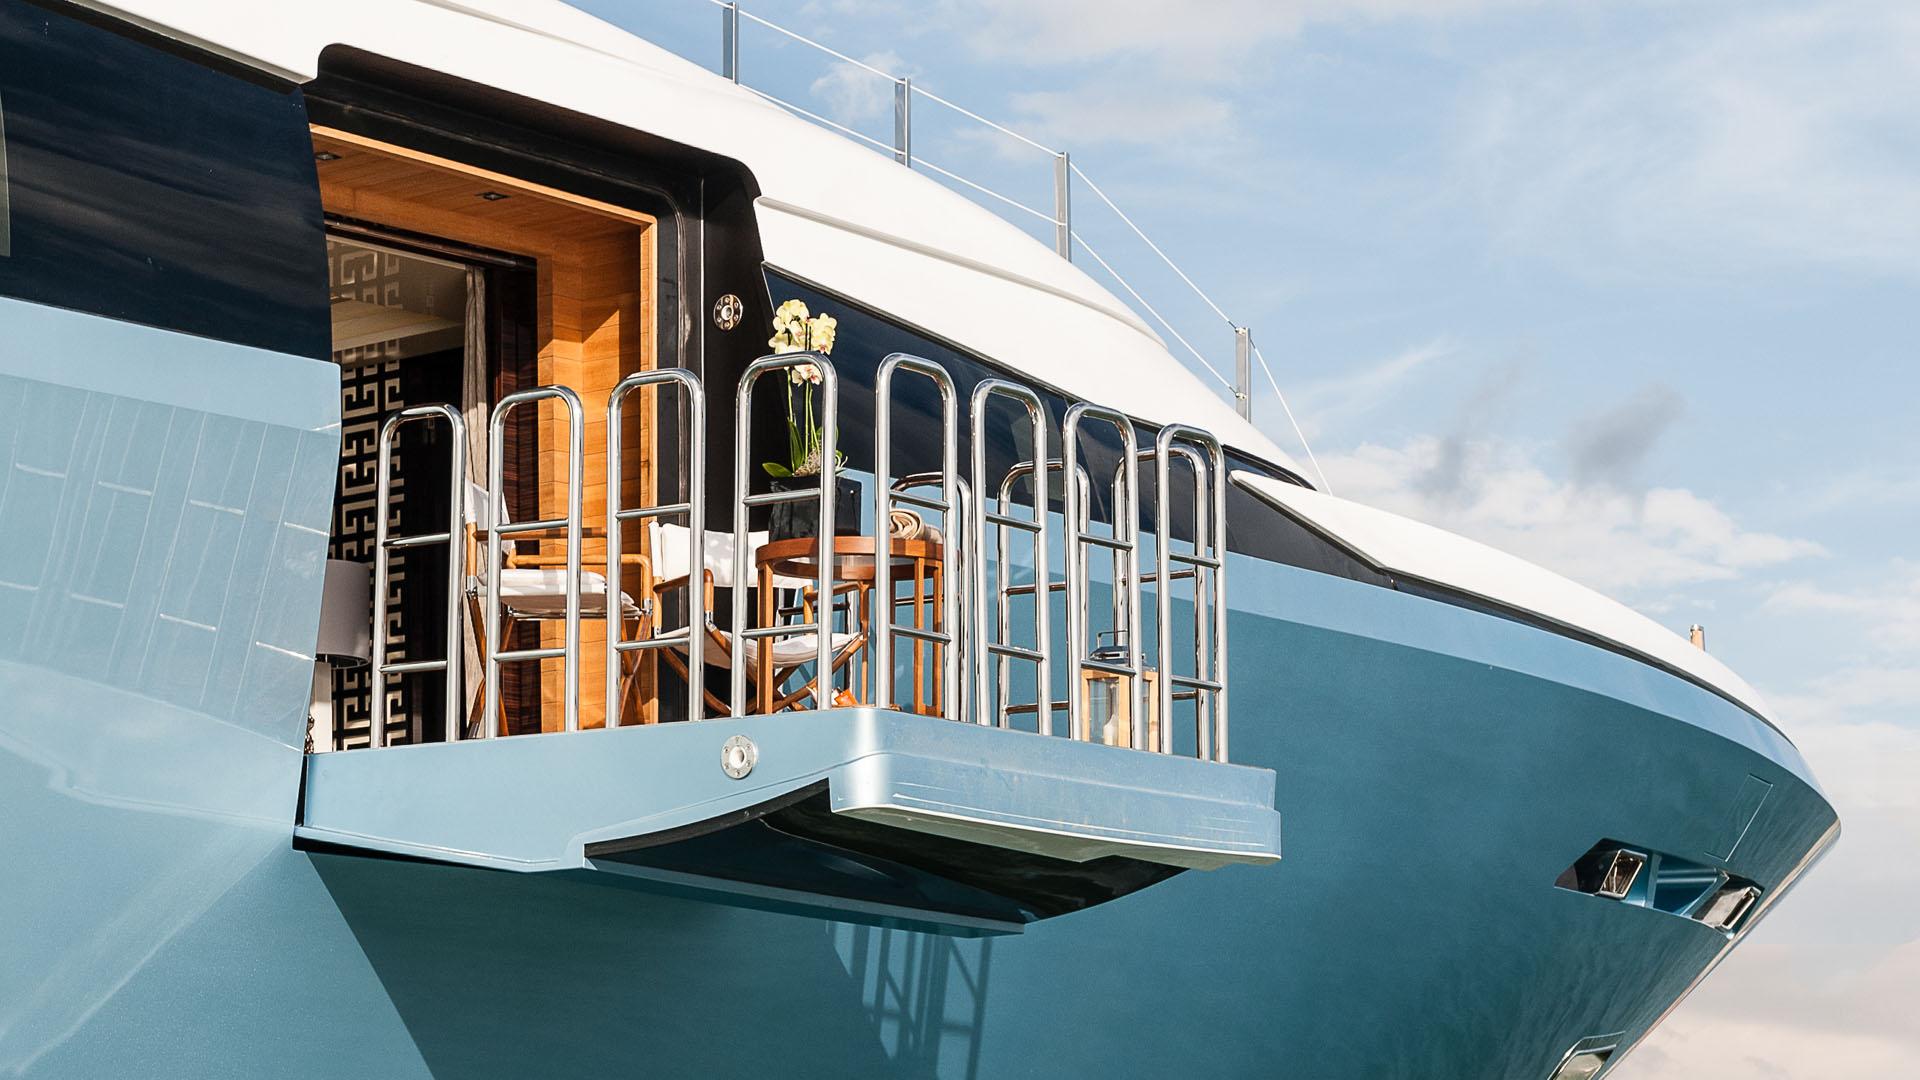 Ufficio Di Lusso : Yacht di lusso tra sogno e realtà the walkman